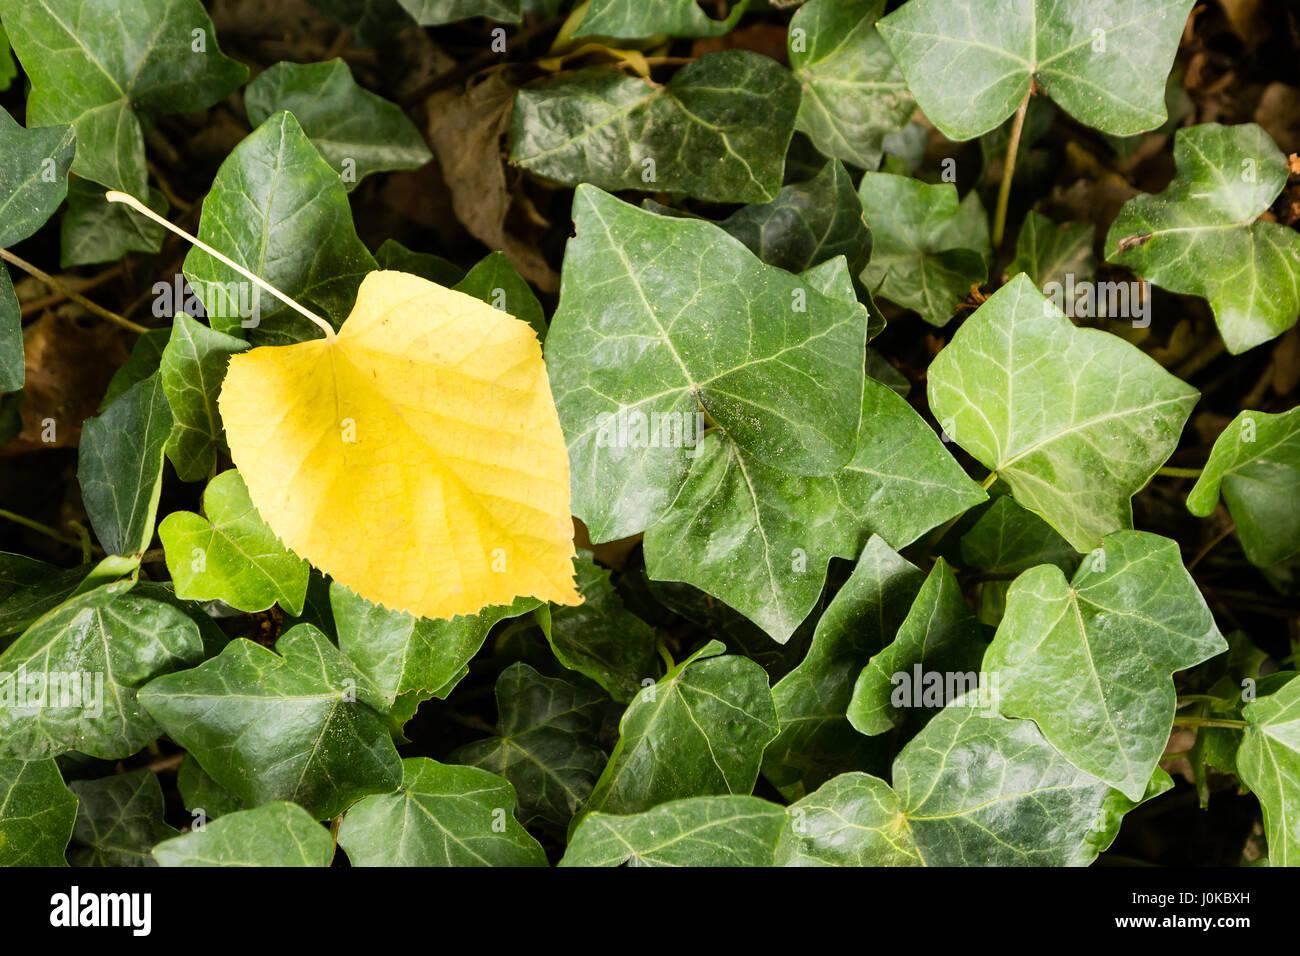 Ein einziges gelbes Blatt auf einem Deck aus grünen Blättern Stockbild